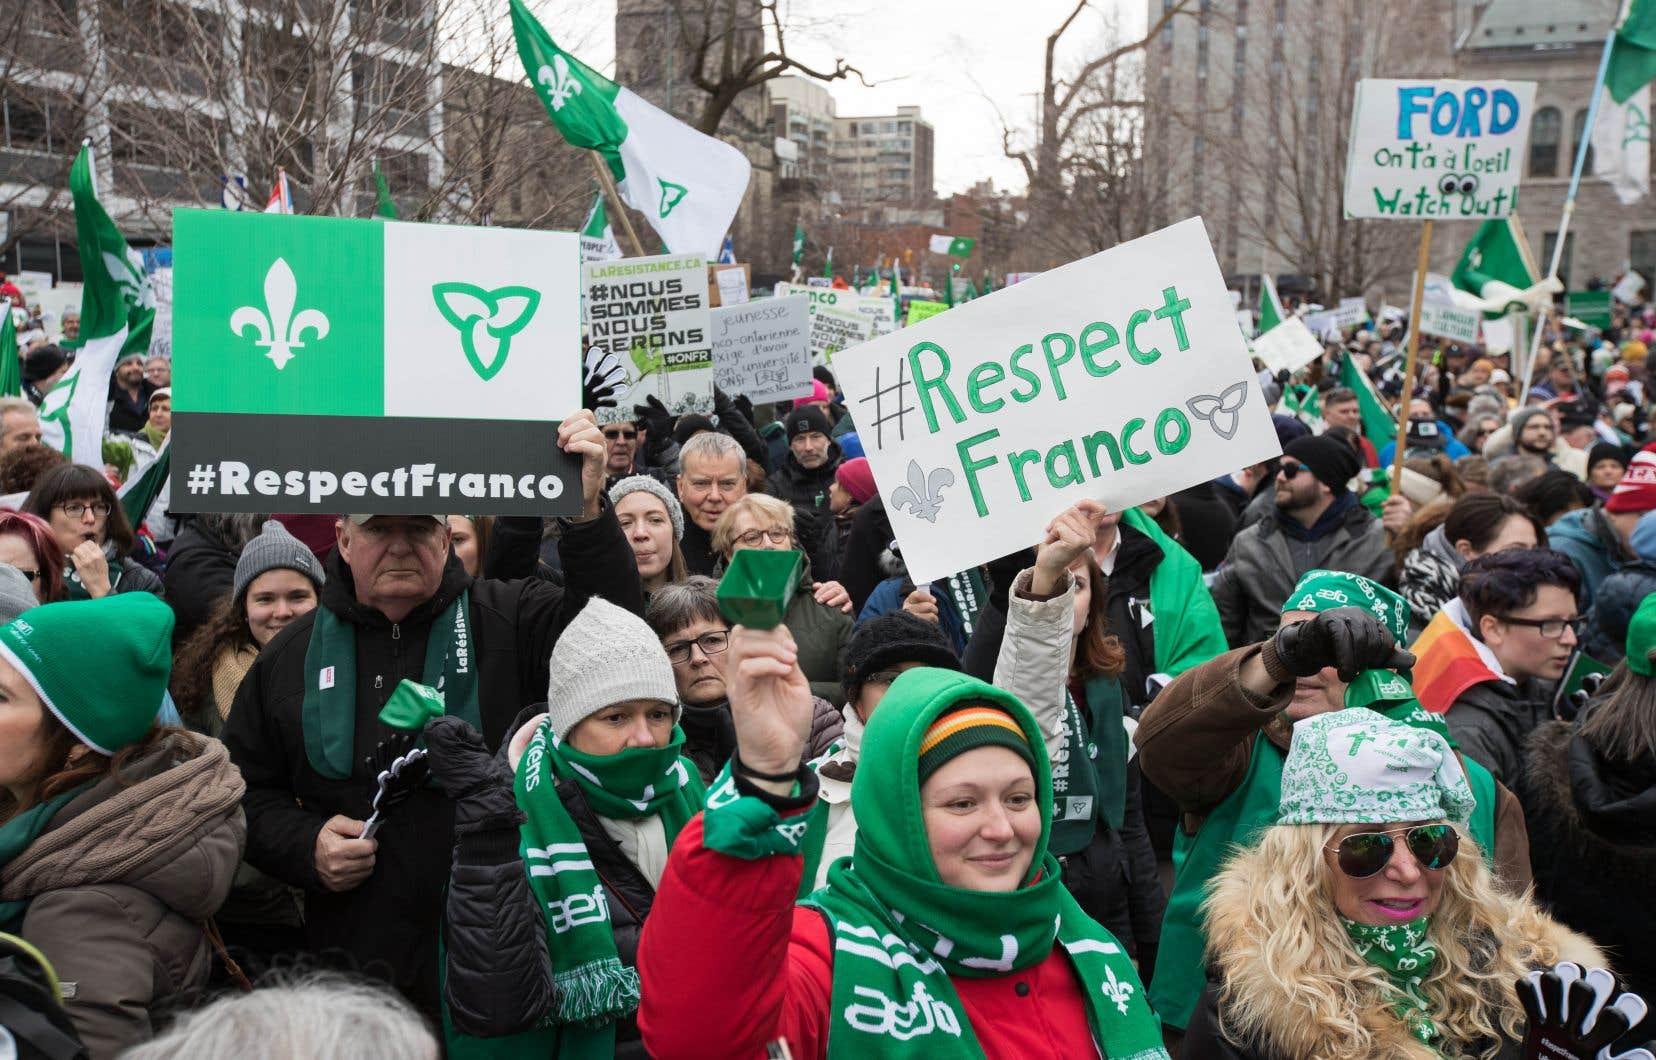 Ce que vit la francophonie ontarienne est un signal d'alarme pour l'ensemble de la francophonie canadienne.